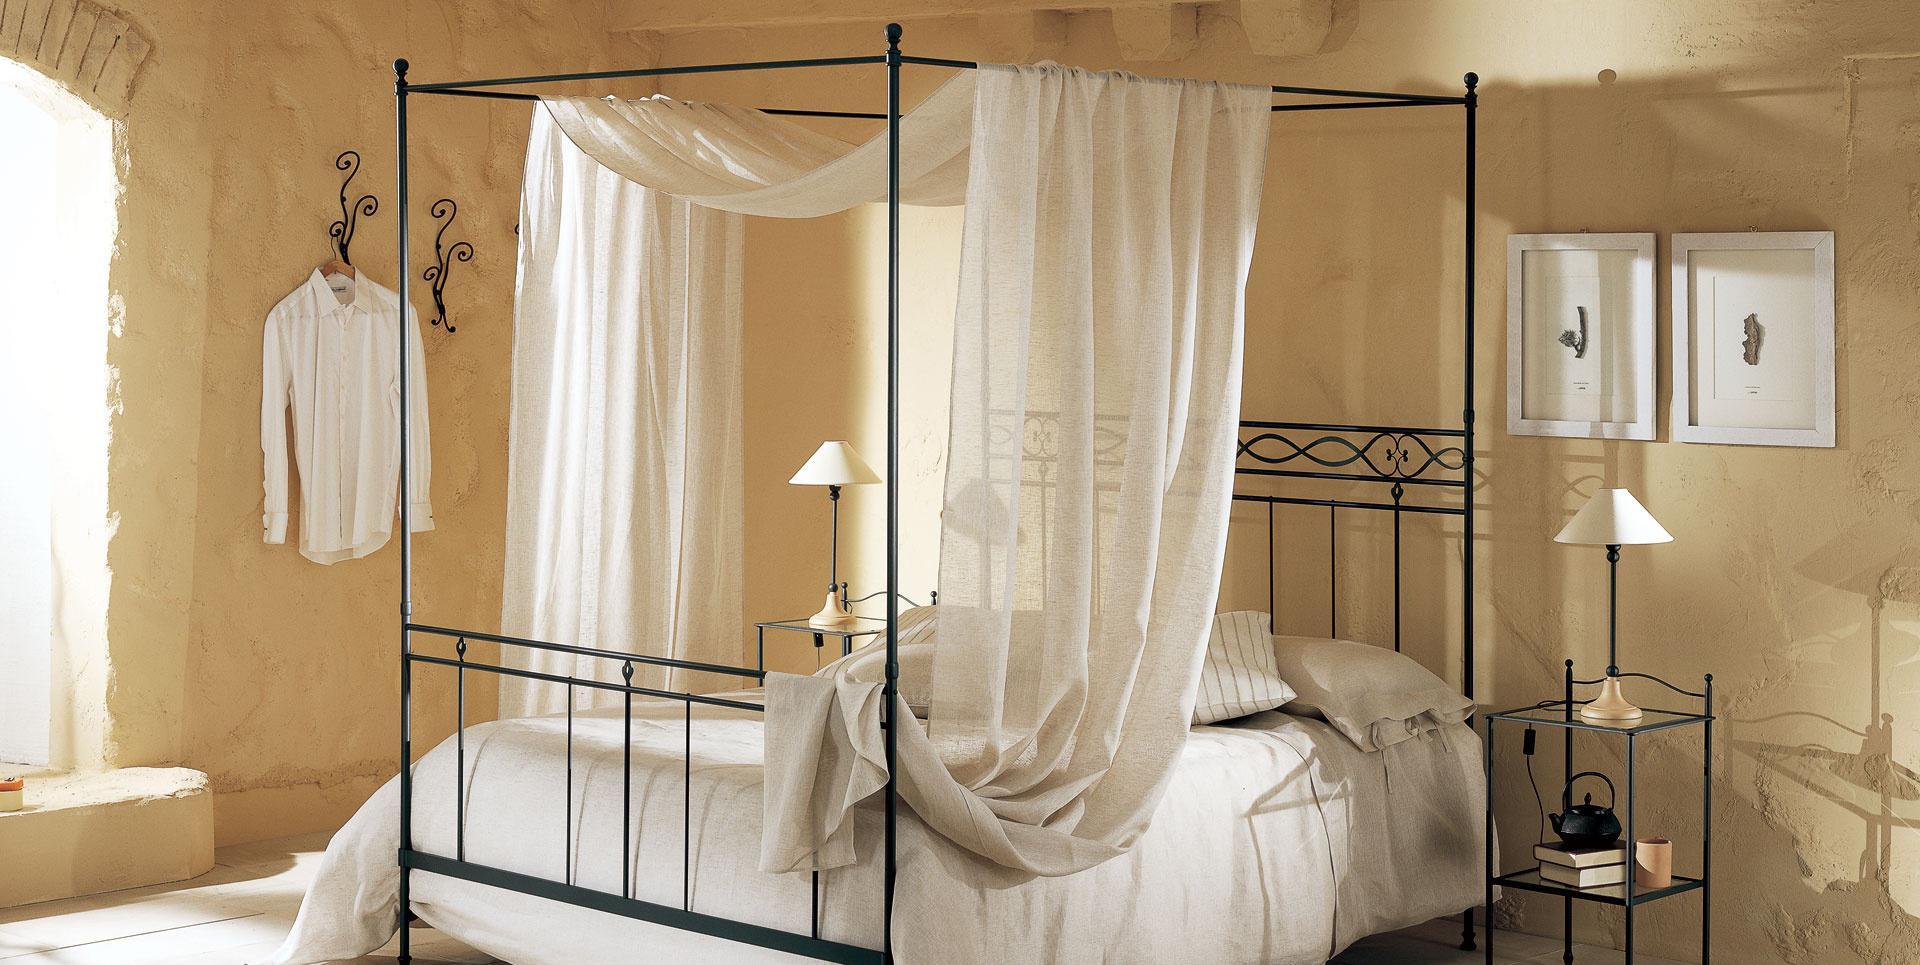 Linne genomskinlig baldakin på sängramen